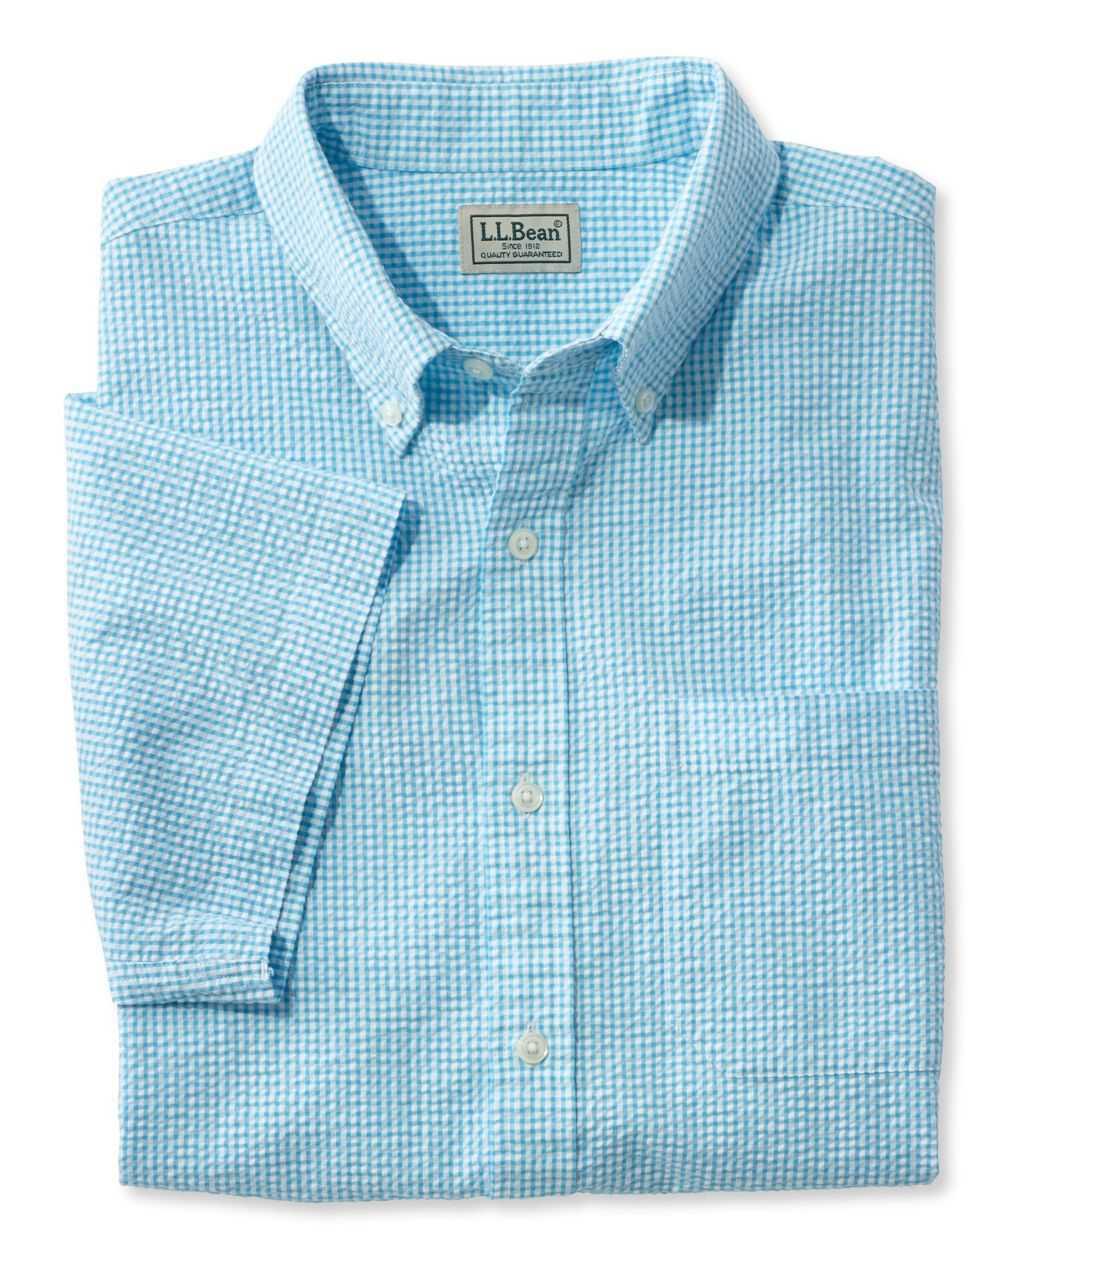 シアサッカー・シャツ、半袖 ギンガム